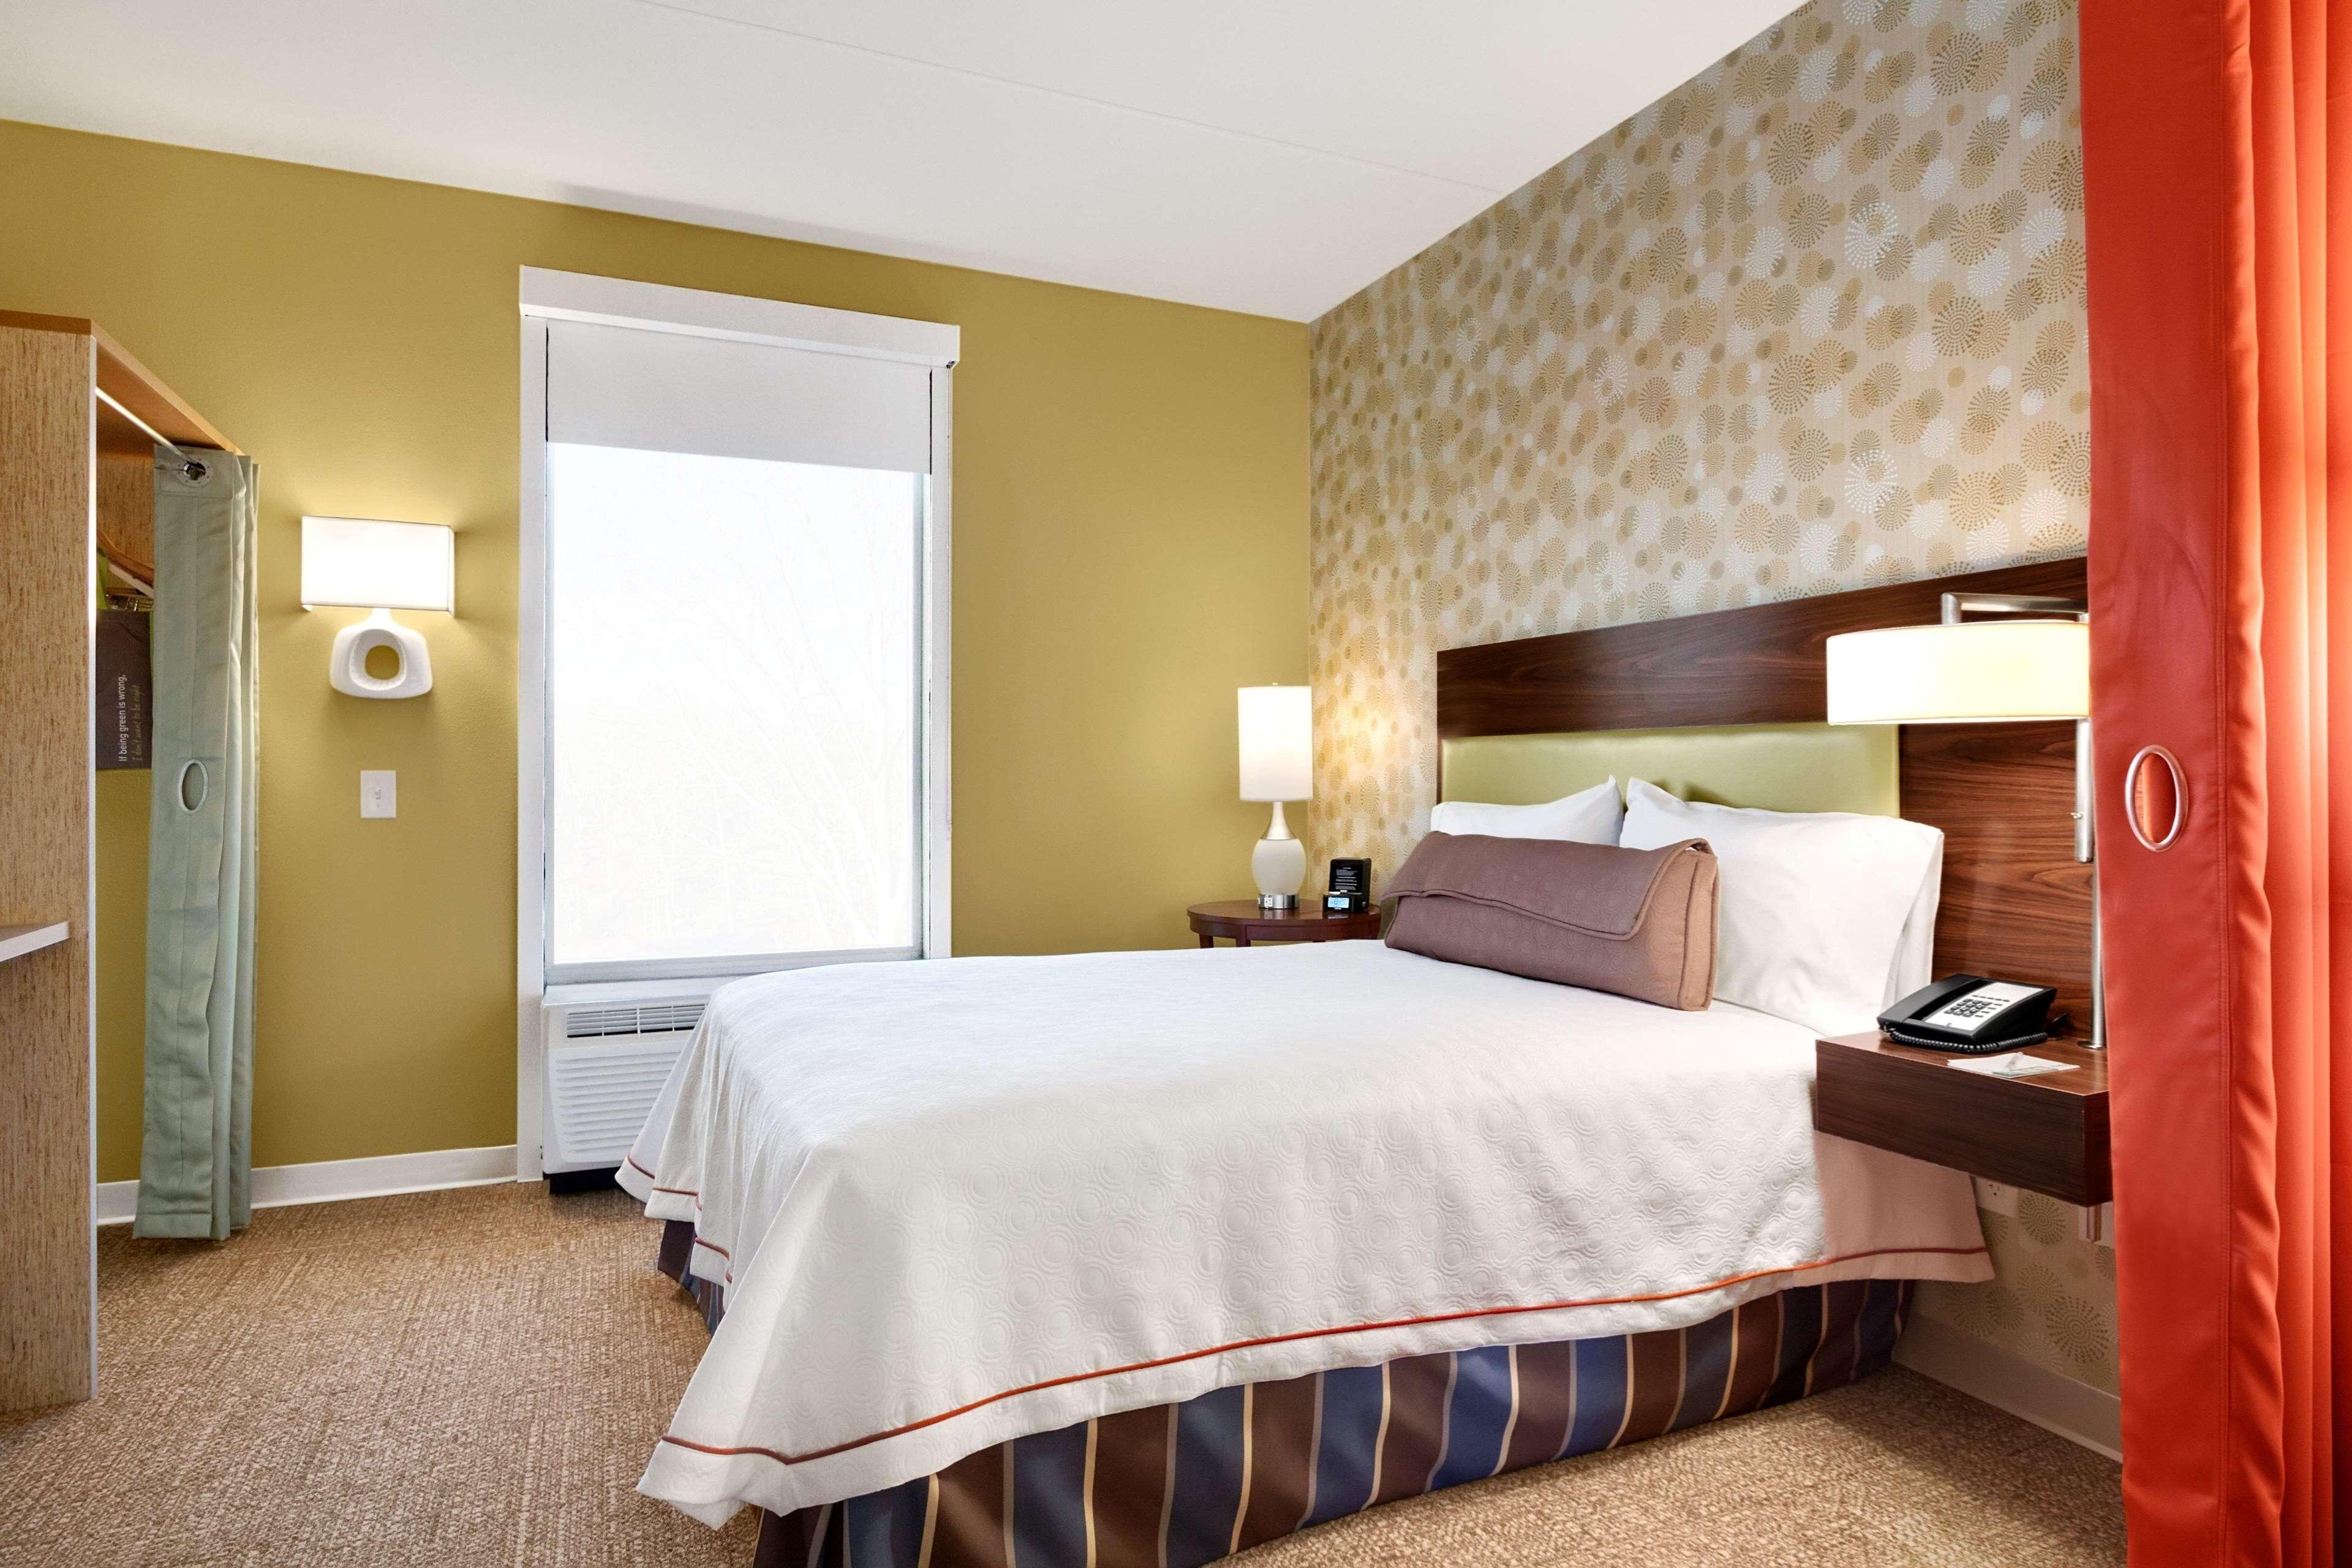 Home2 Suites by Hilton Lexington Park Patuxent River NAS, MD image 19